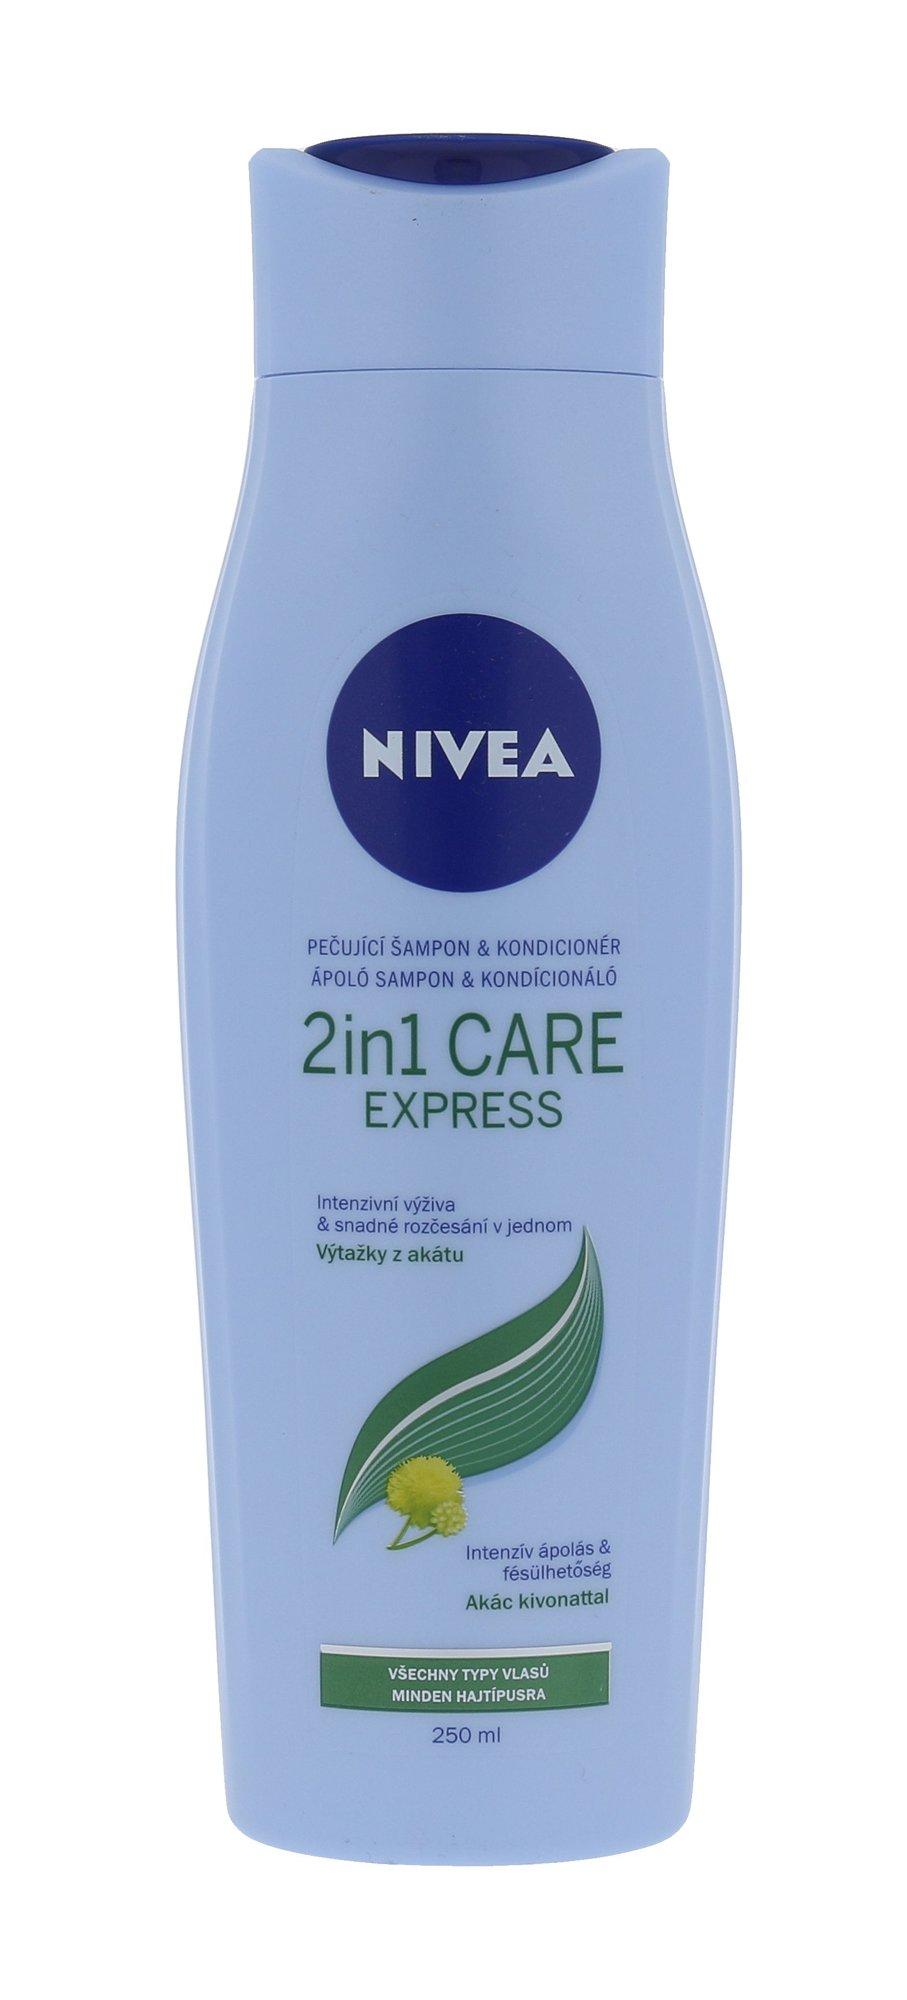 Nivea 2in1 Express Cosmetic 250ml